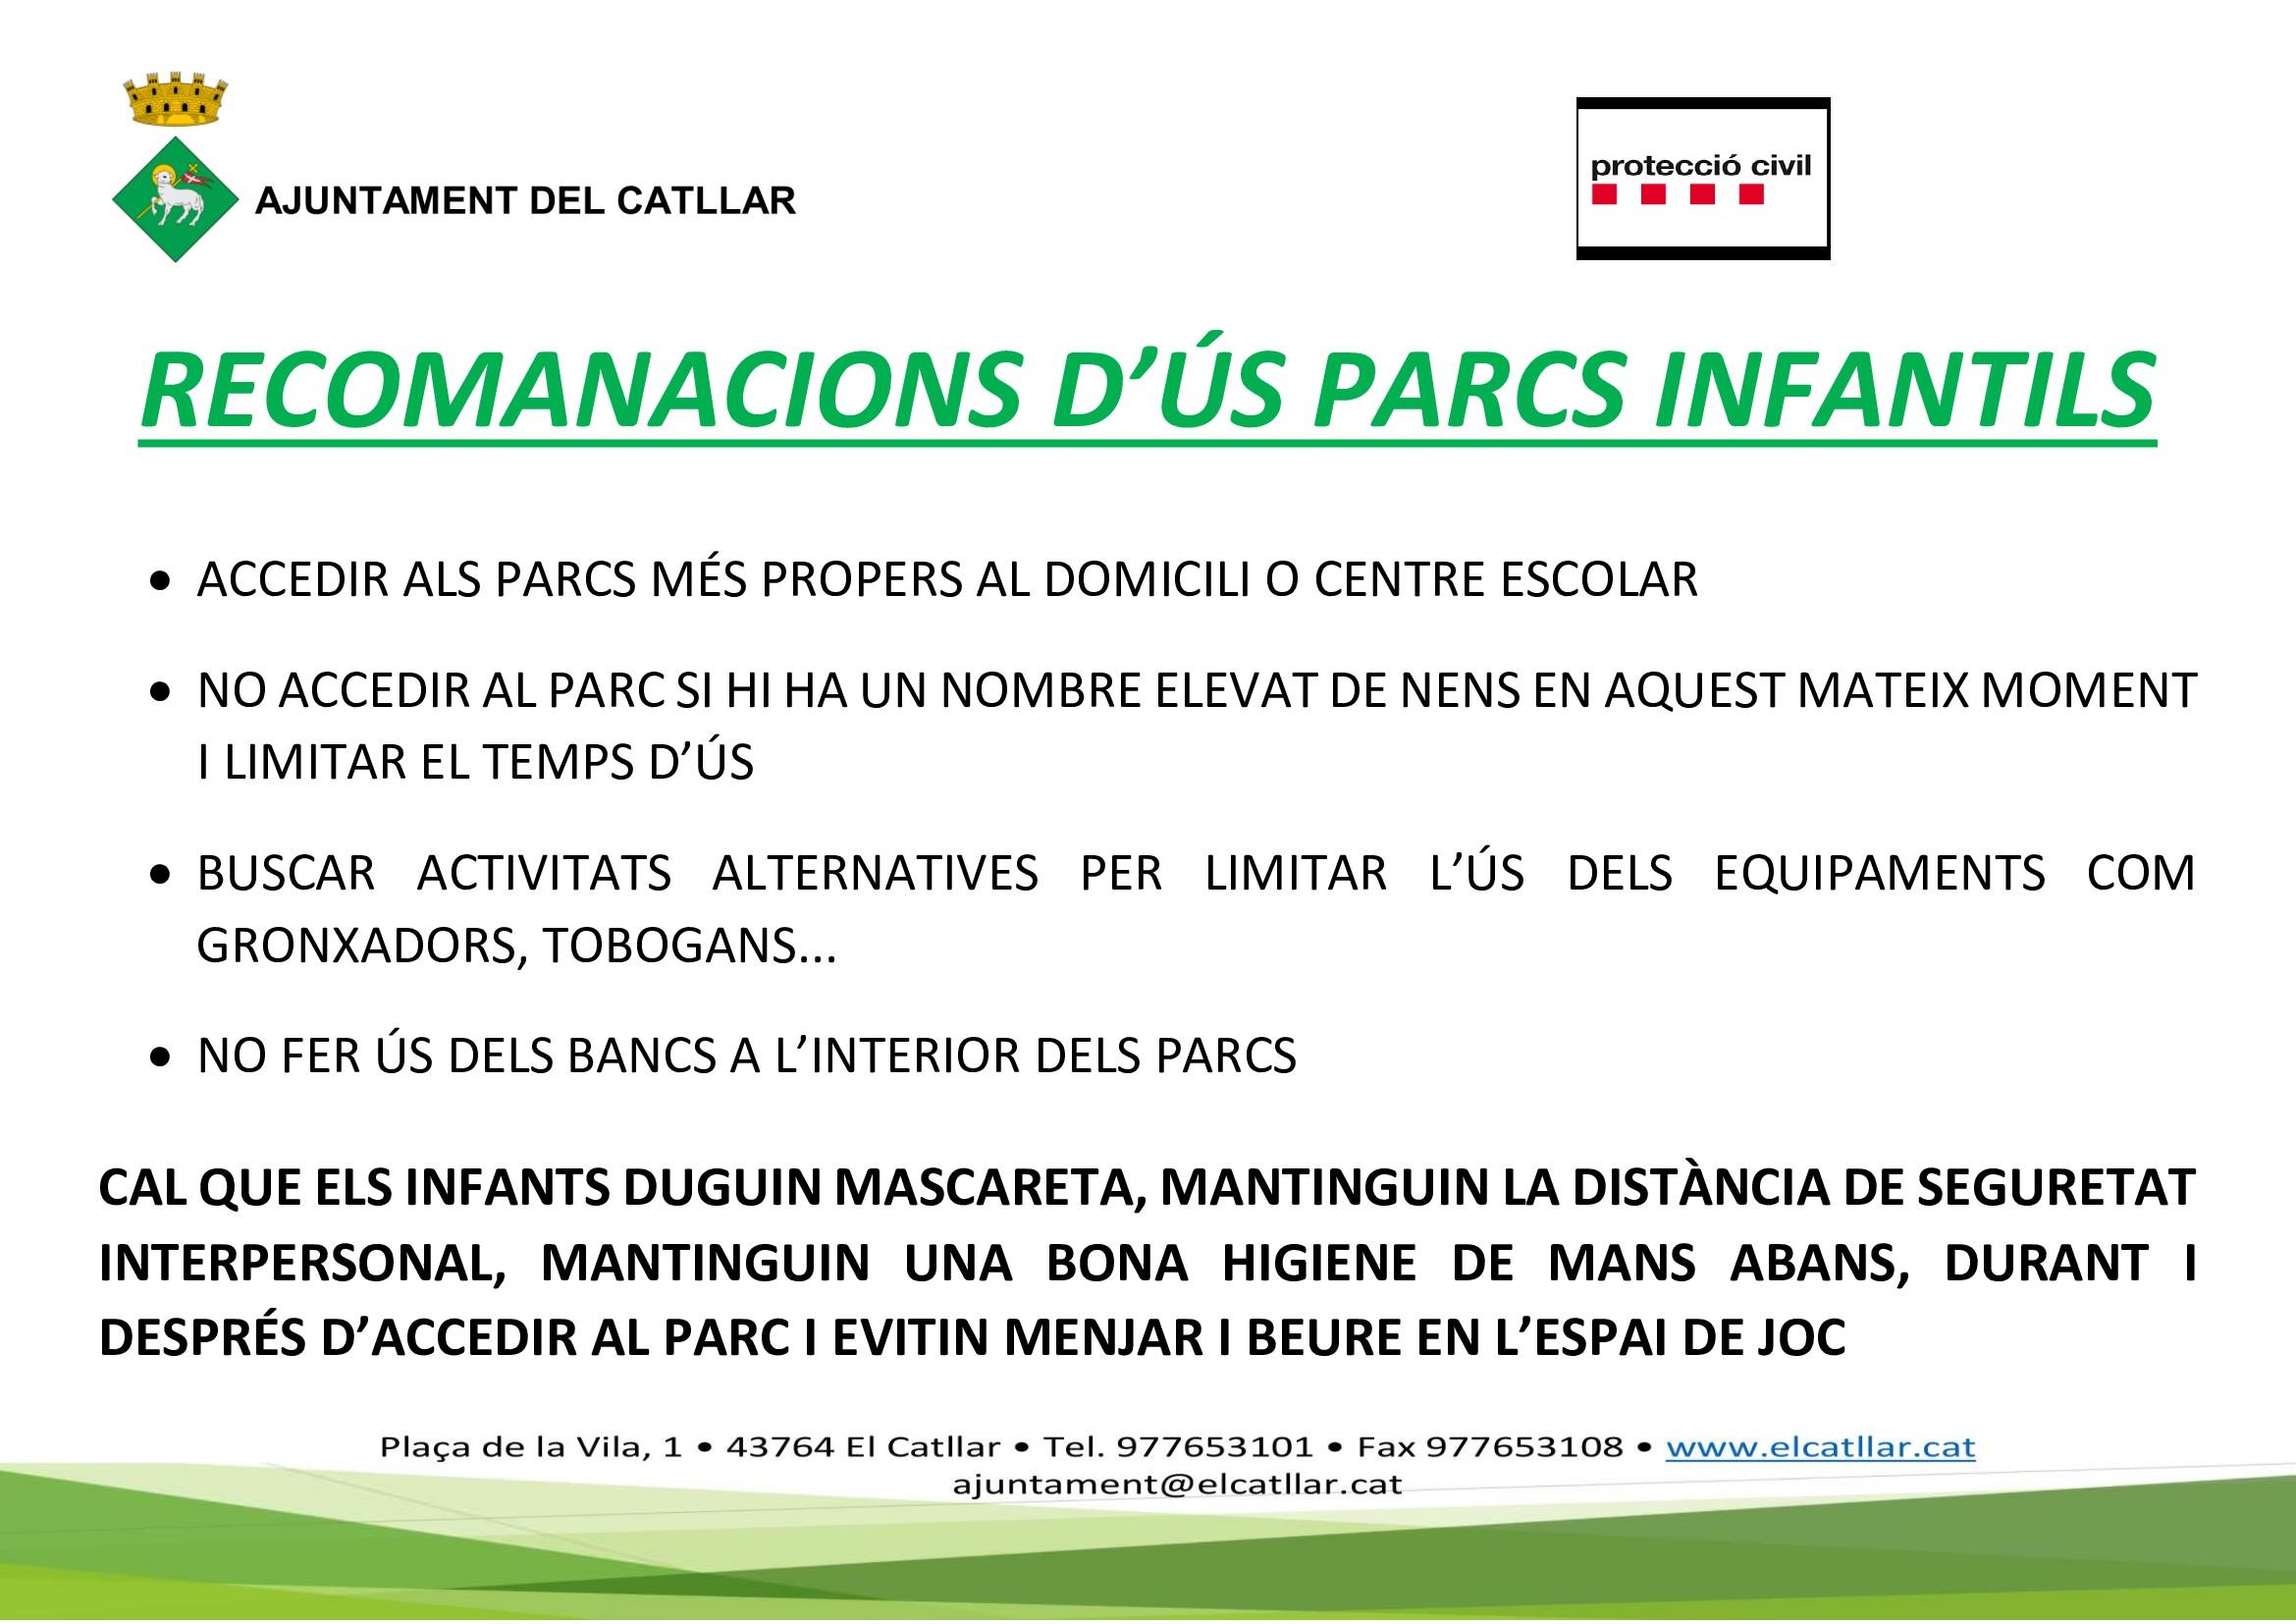 RECOMENDACIONES DE USO DE LOS PARQUES INFANTILES PARA PREVENIR LA COVID-19